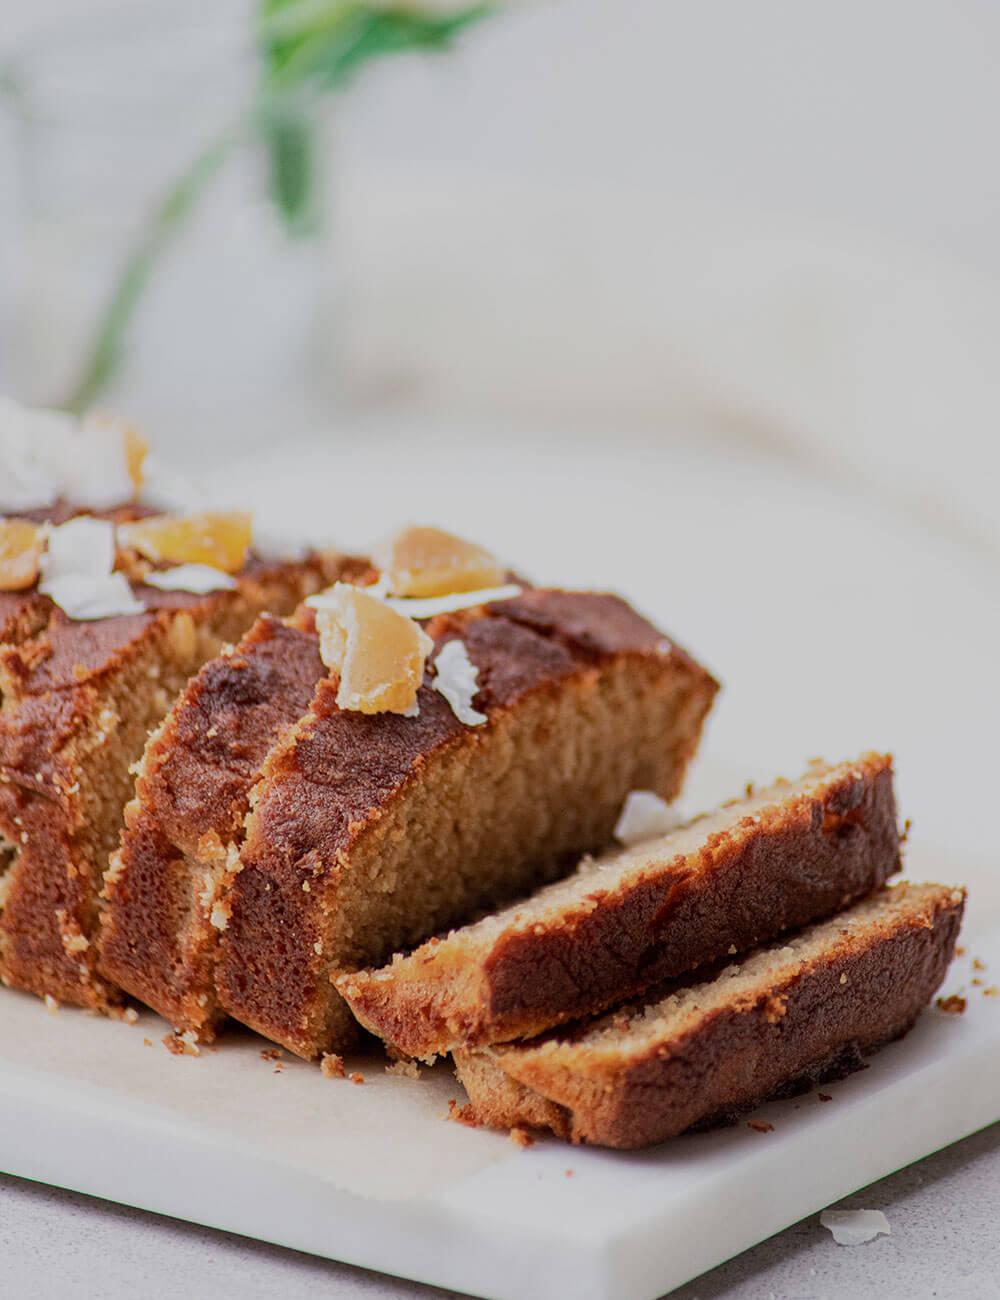 Slices of loaf shaped cake